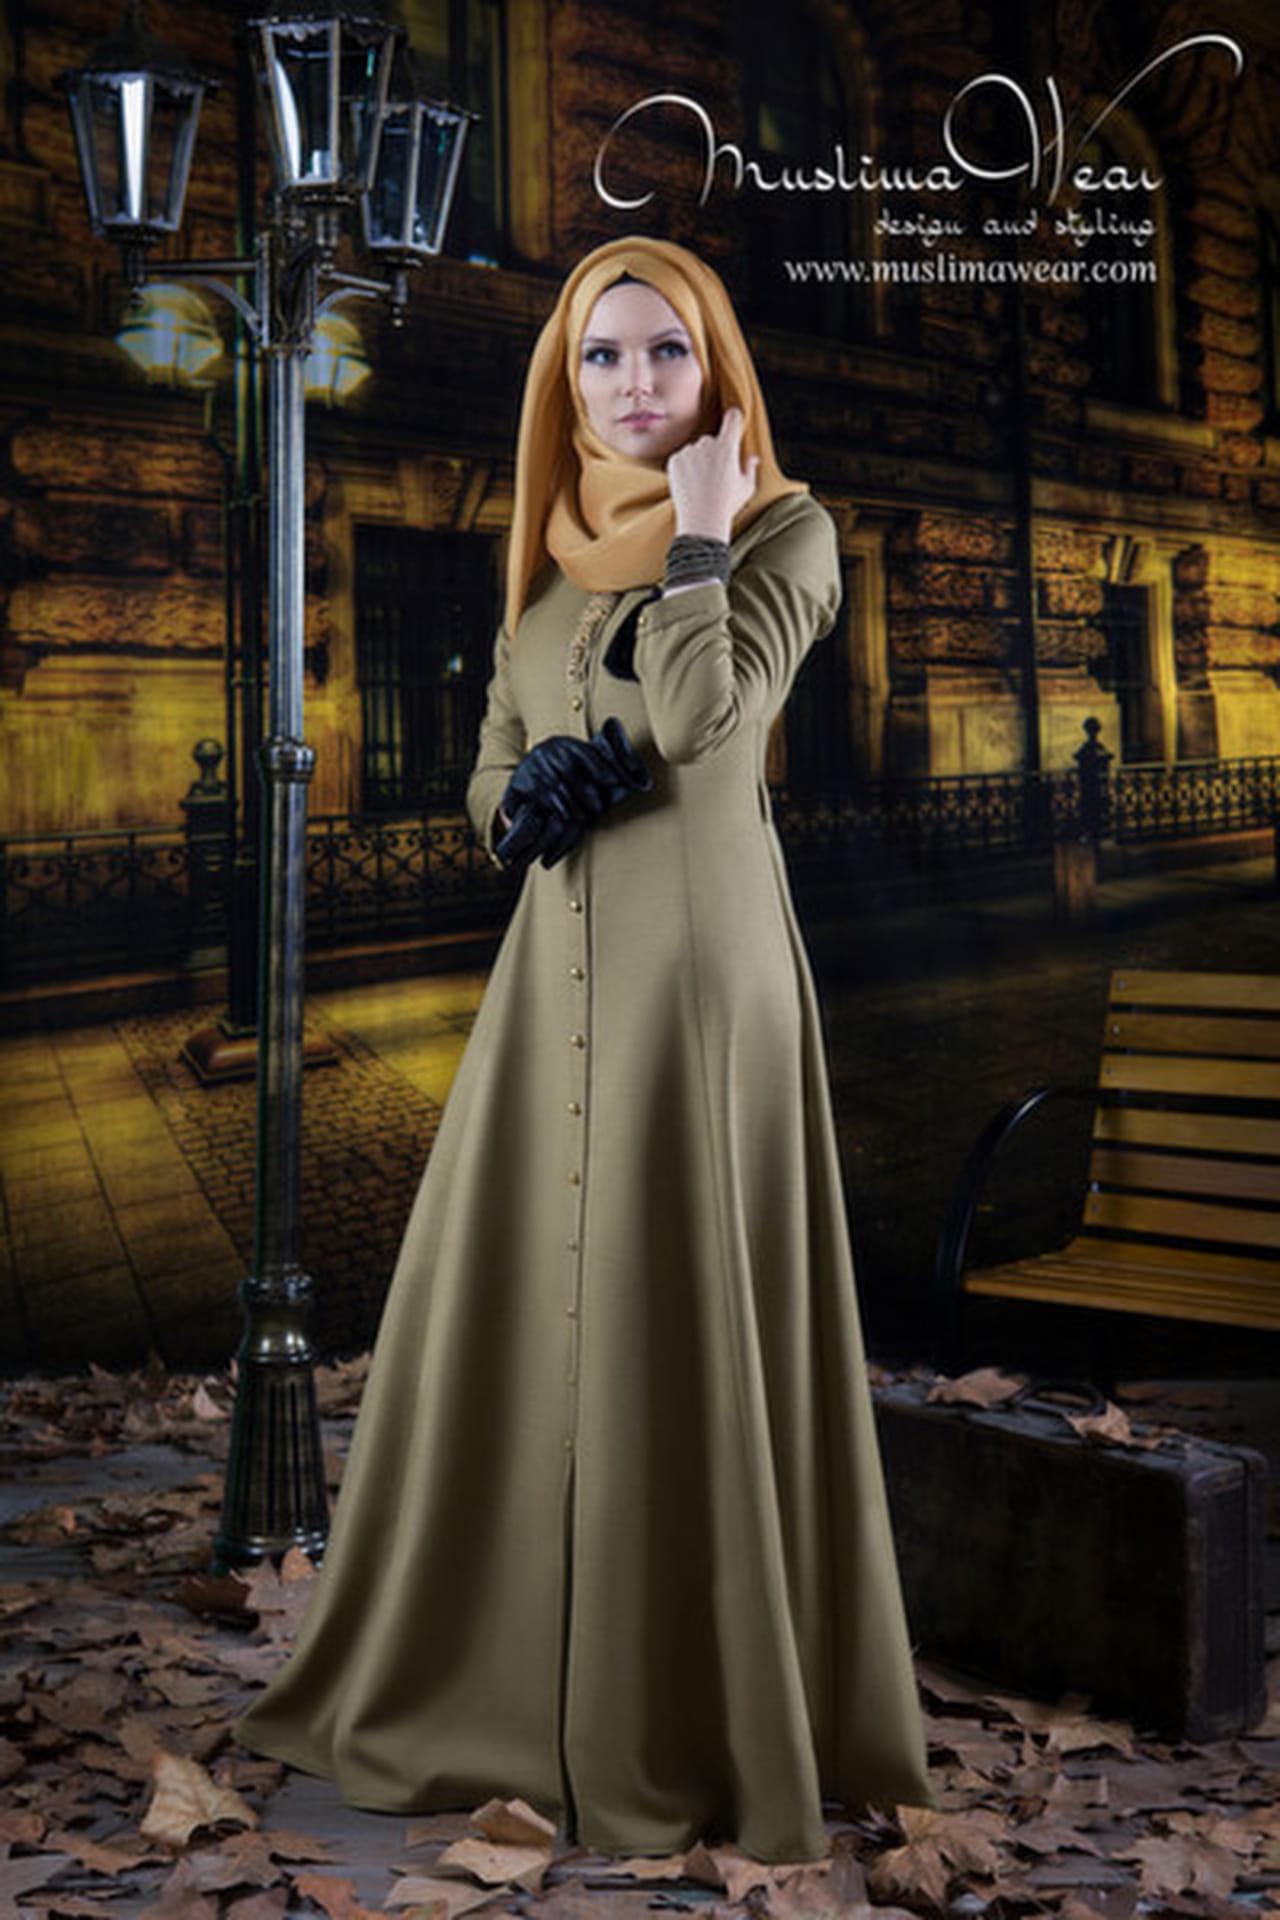 أفضل 10 إطلالات من أزياء Muslima Wear التركية  814322